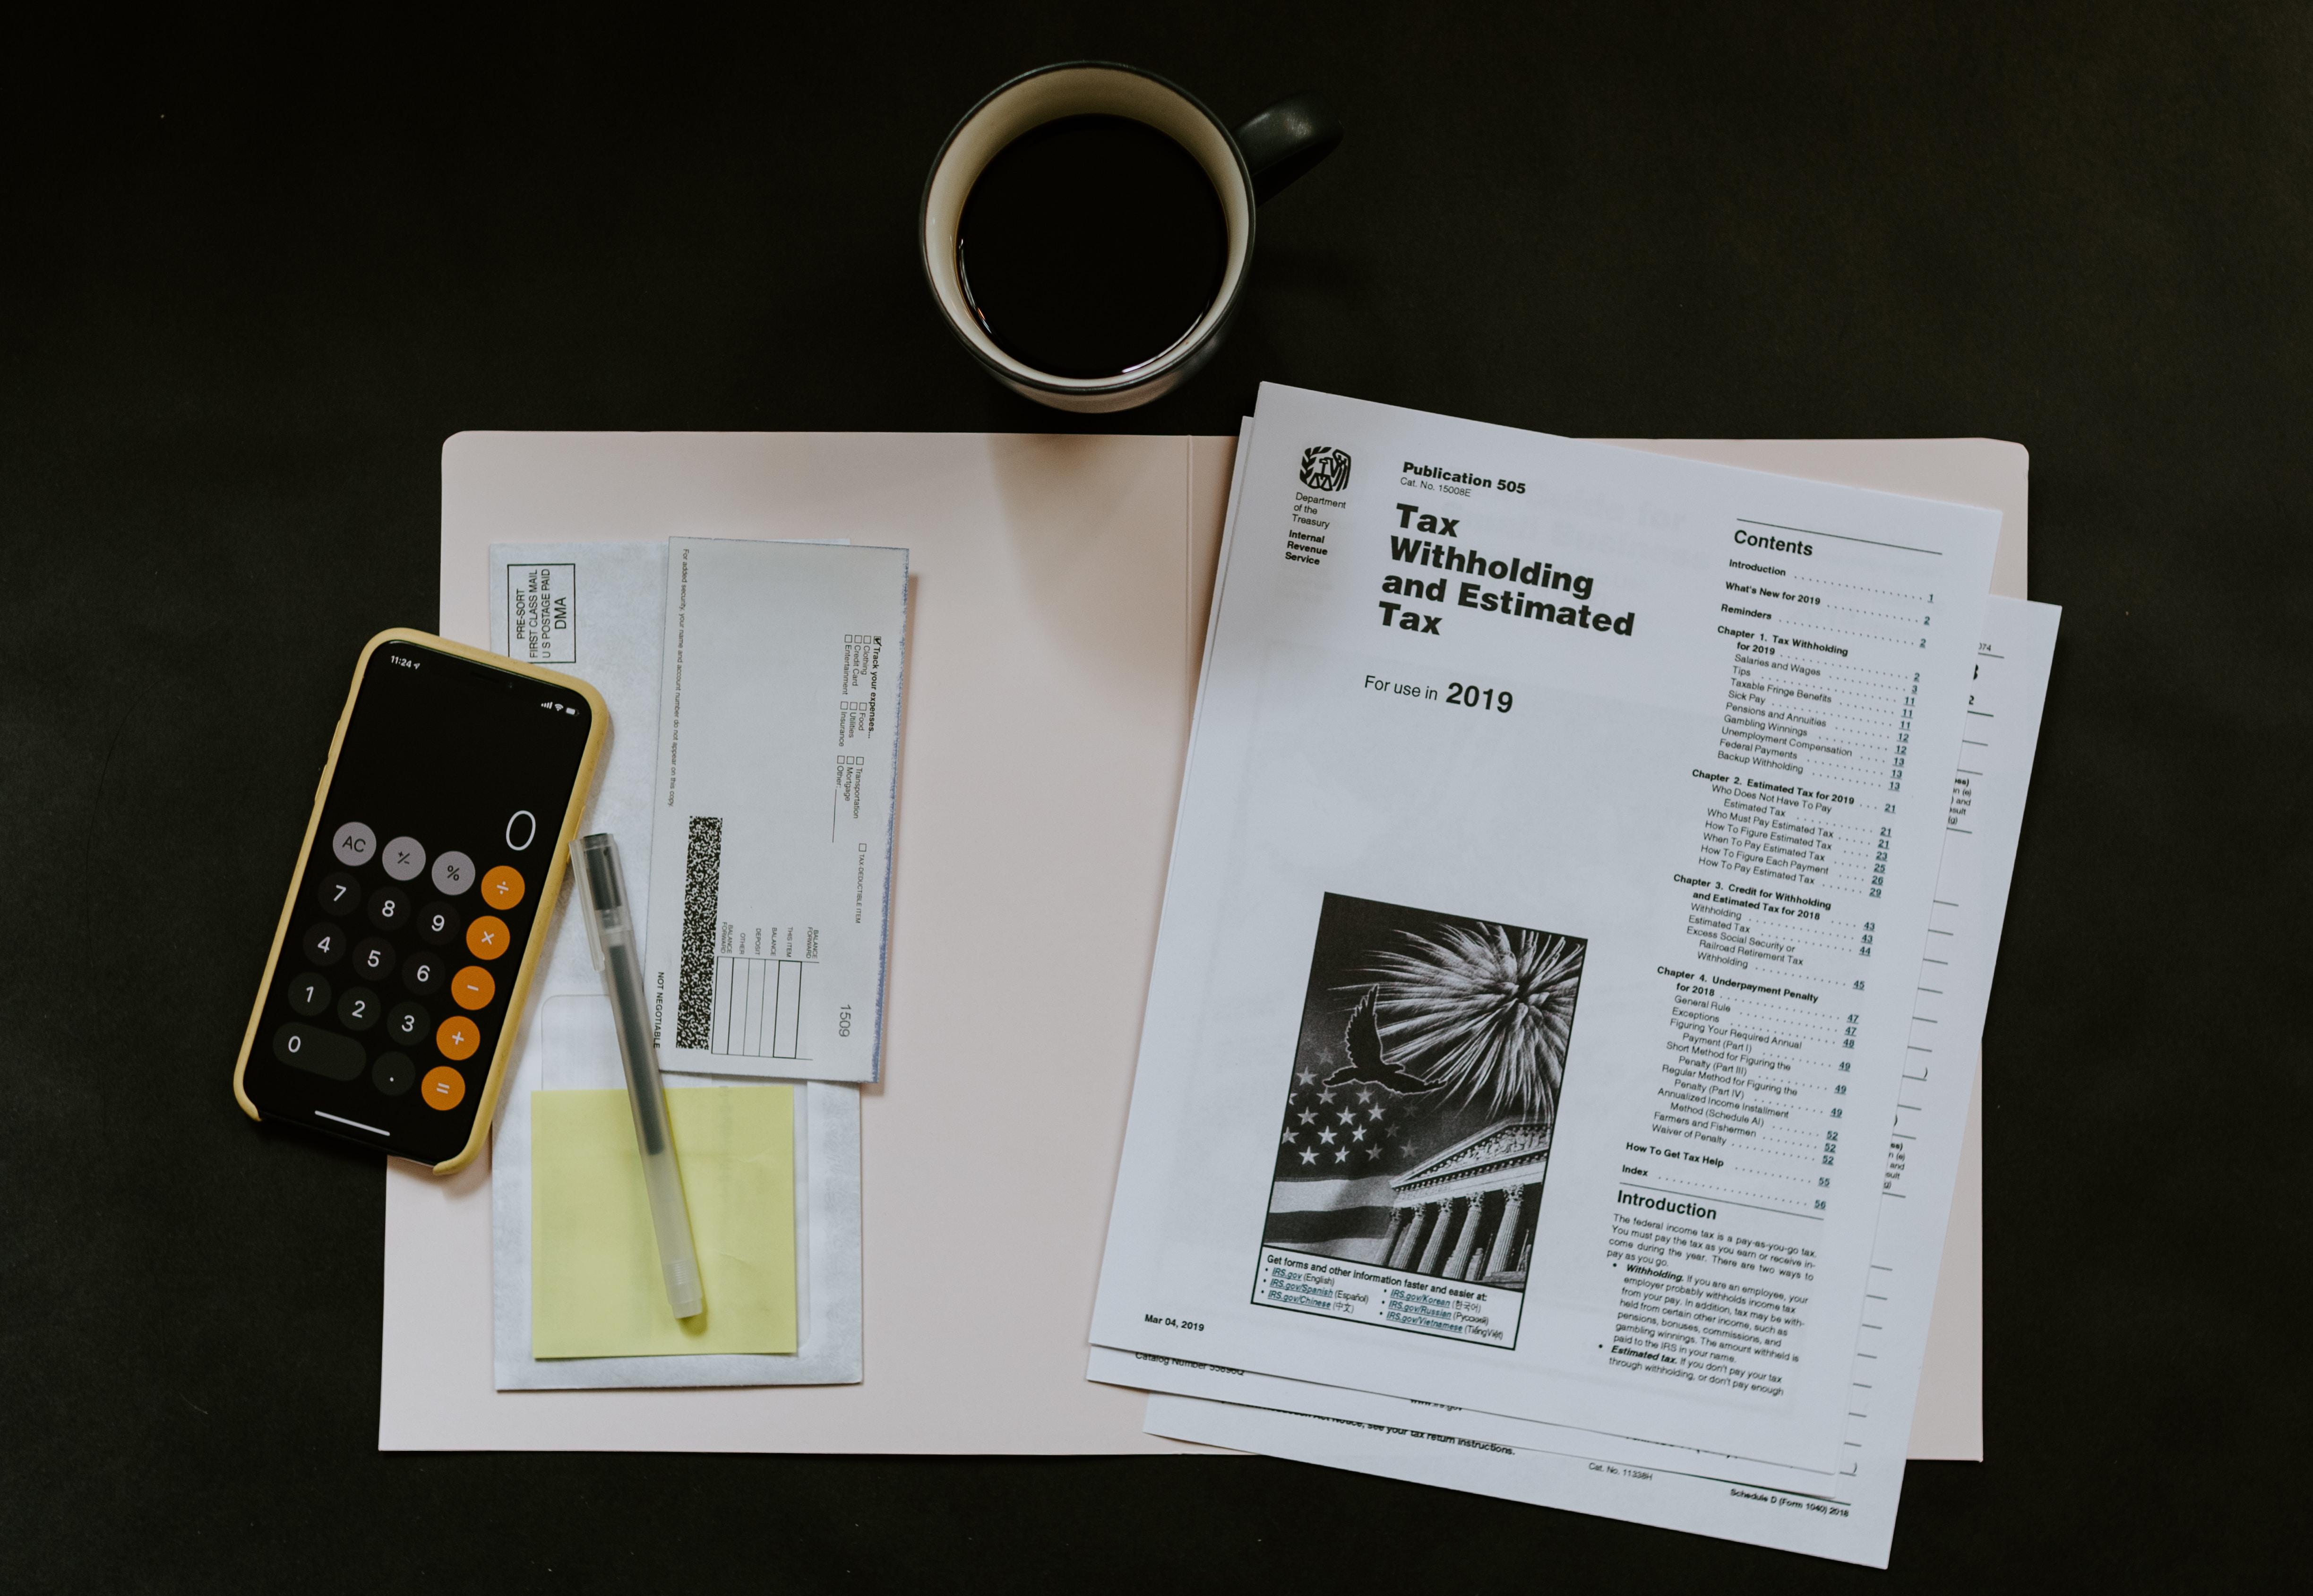 Taux de l'impôt sur le revenu à appliquer aux jetons de présence versés aux membres du conseil d'administration d'une société.